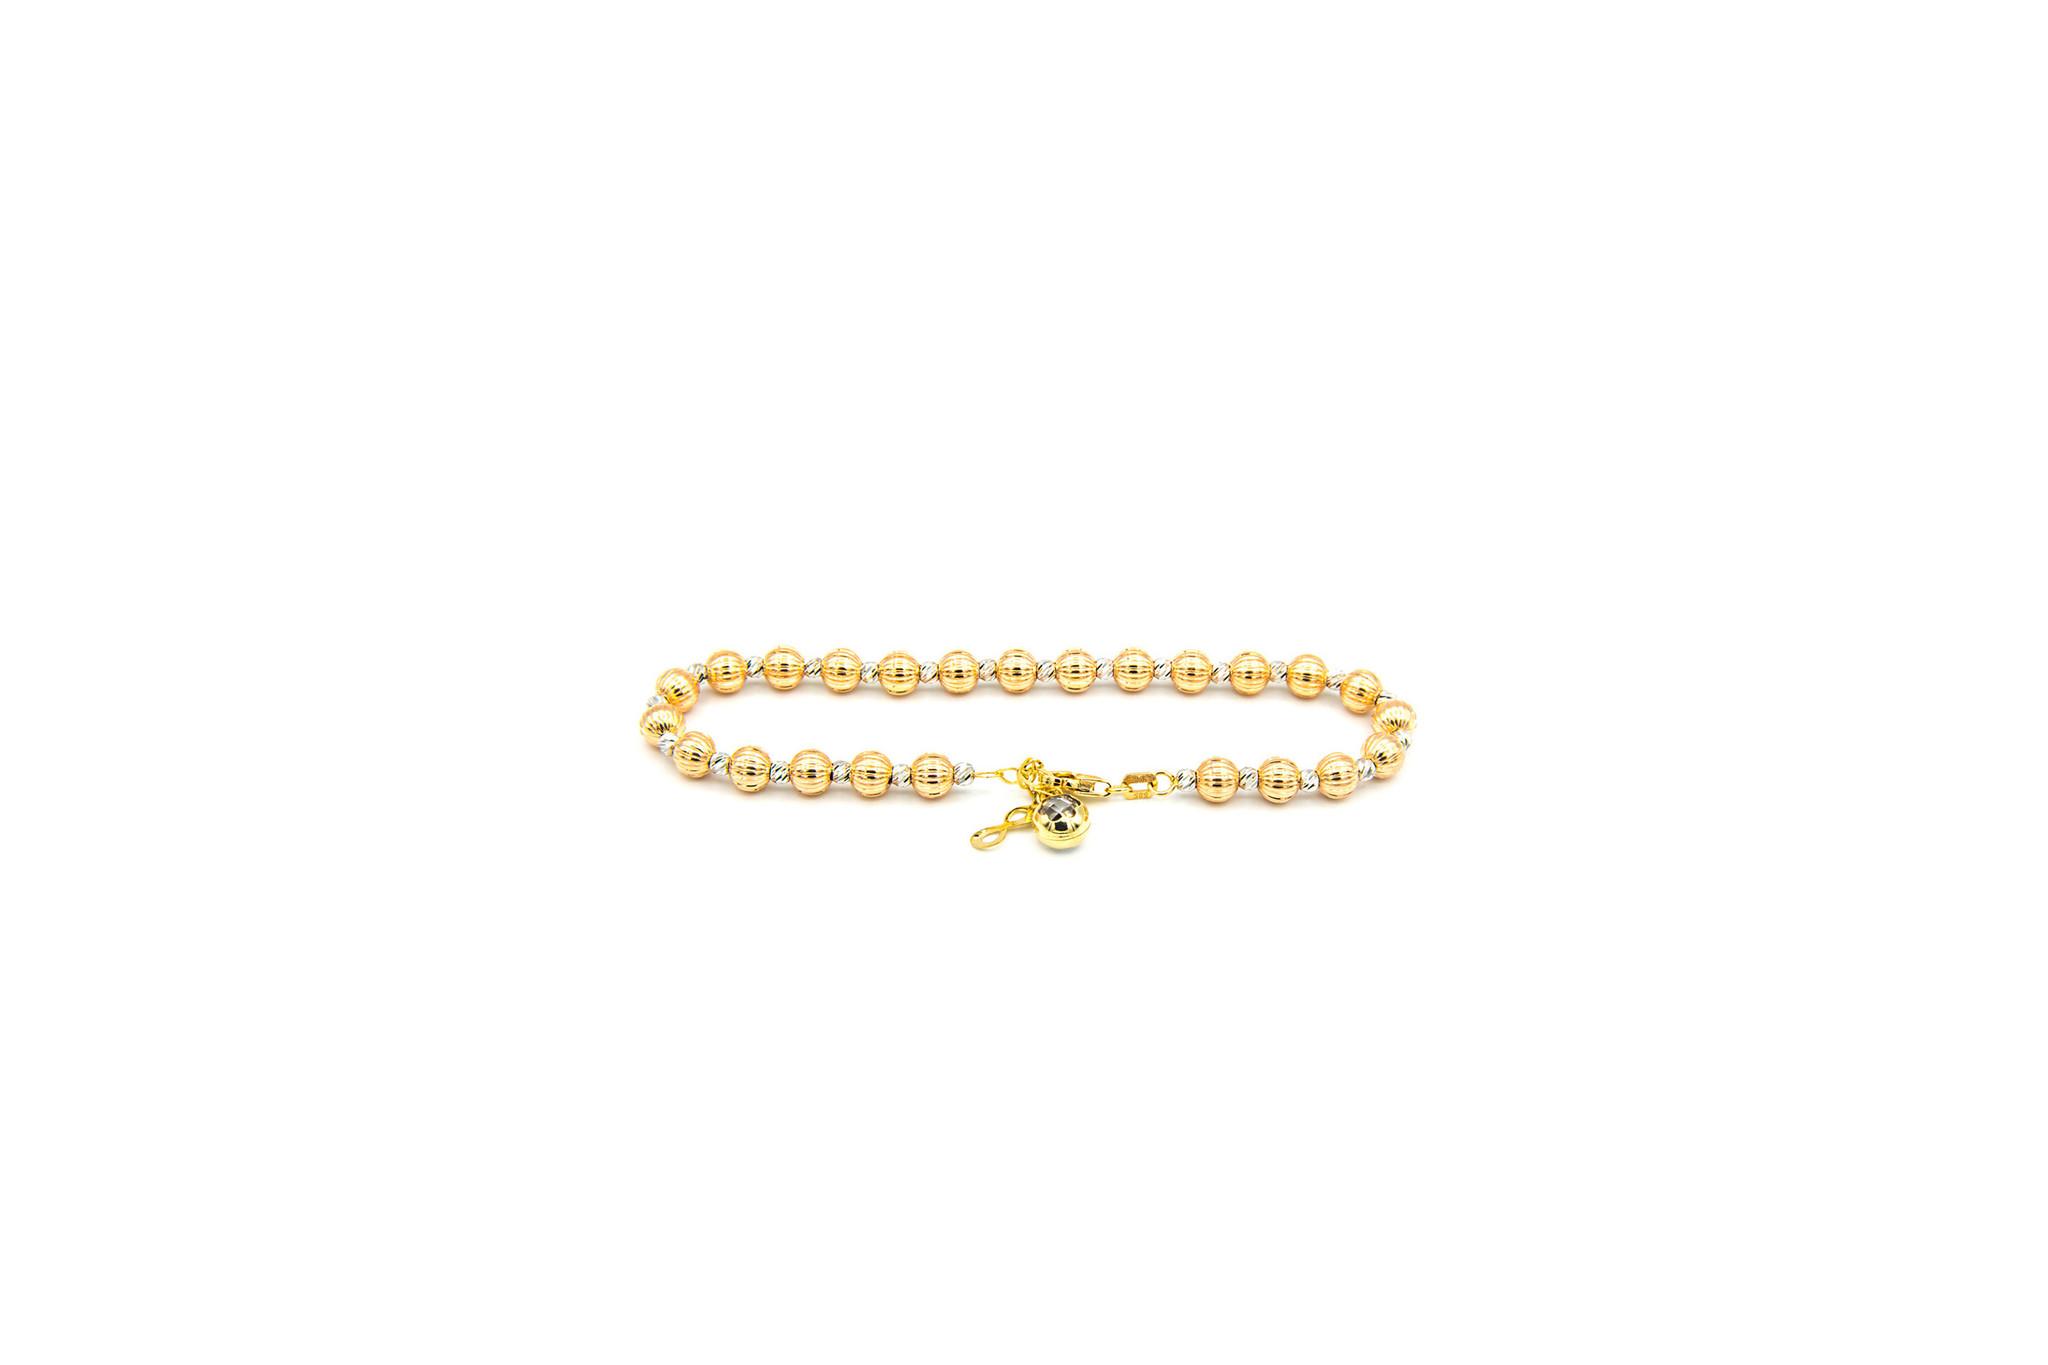 Armband diamond cut grote en kleine balletjes tricolor-1